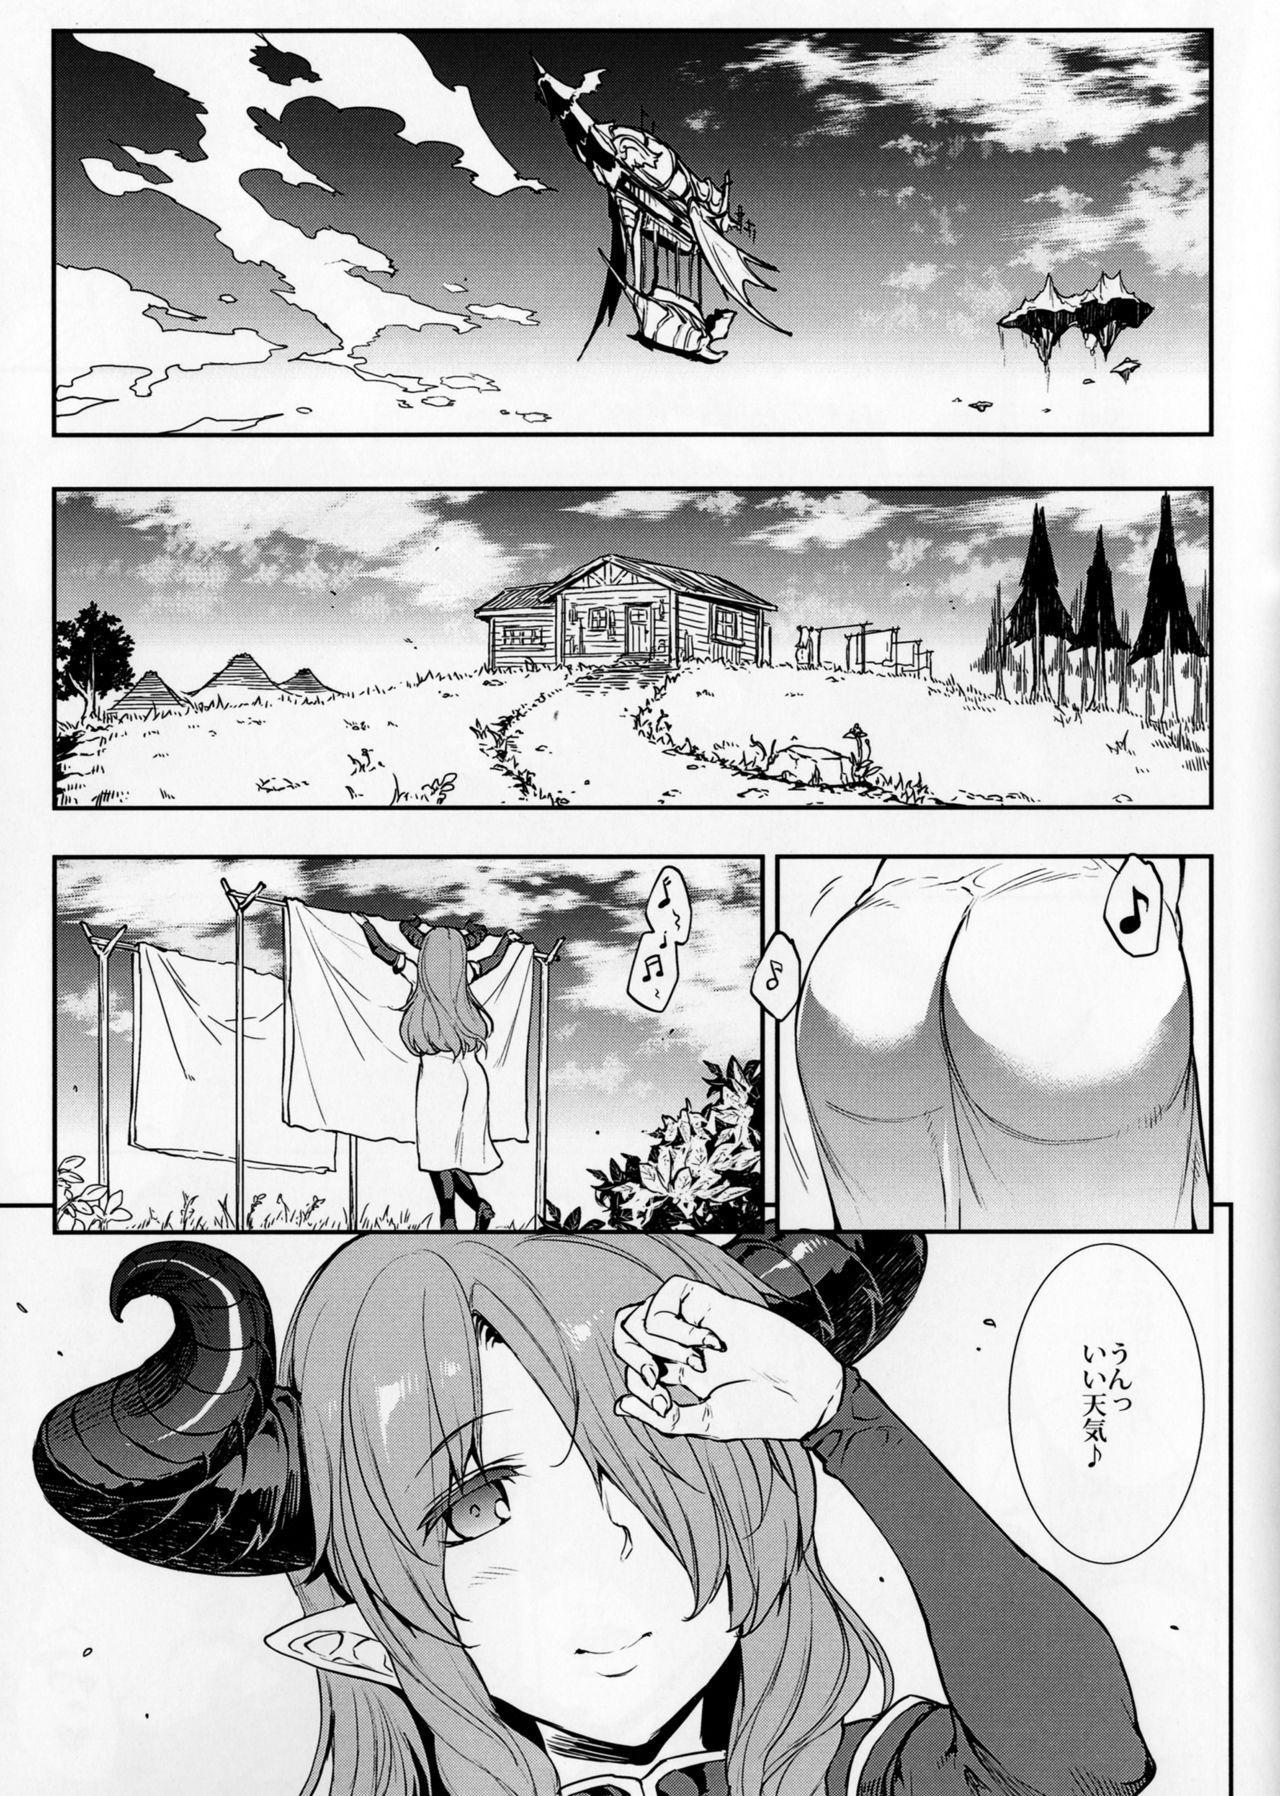 Narumeia-san to Issho 1